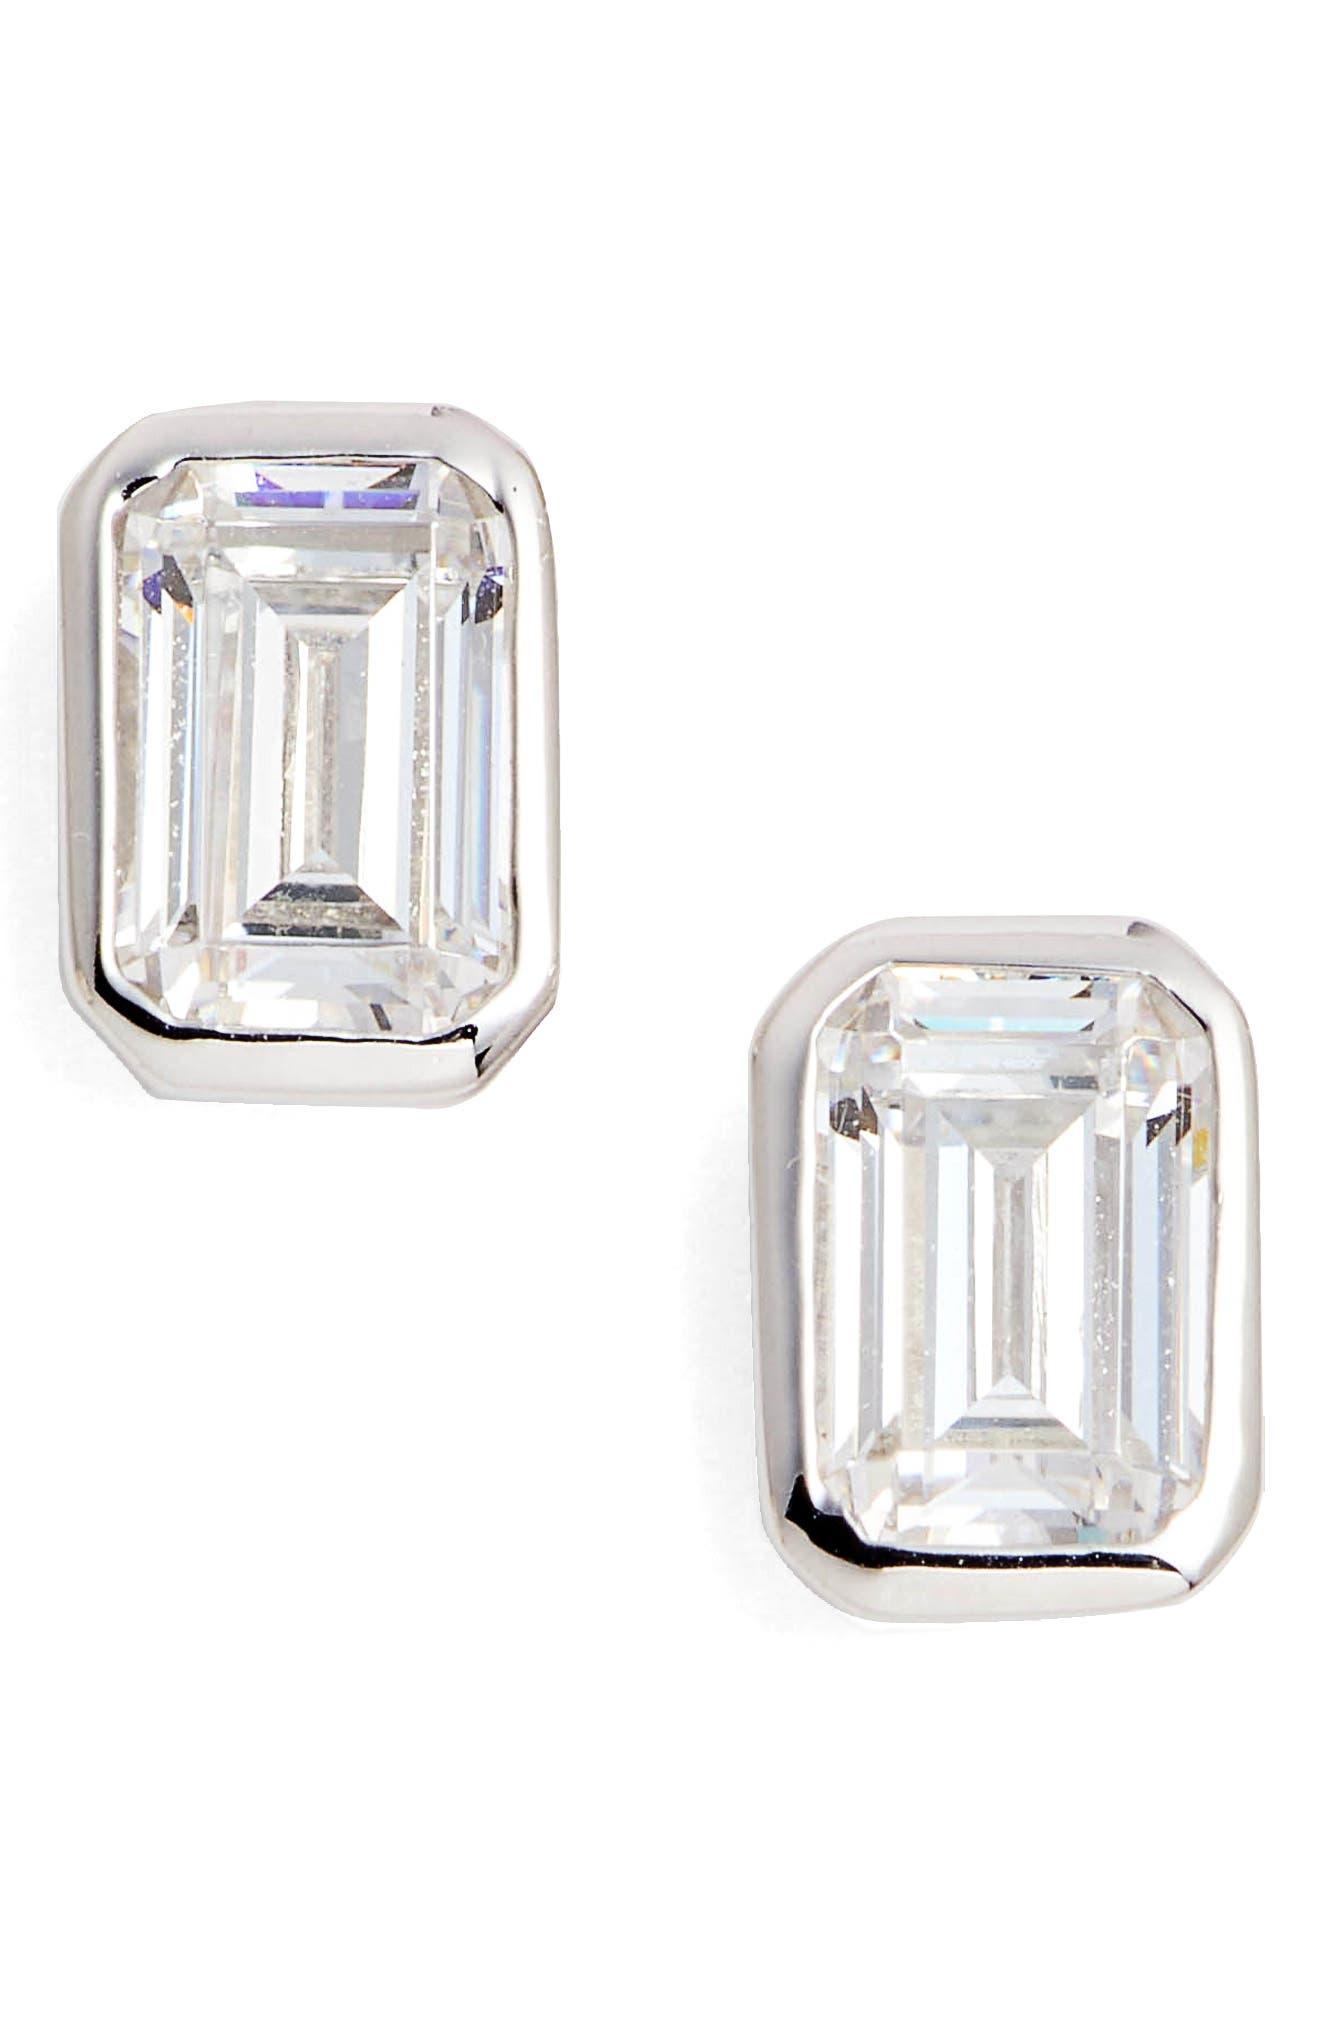 Bezel-Set Emerald Cut Stud Earrings,                         Main,                         color, Silver/ Clear